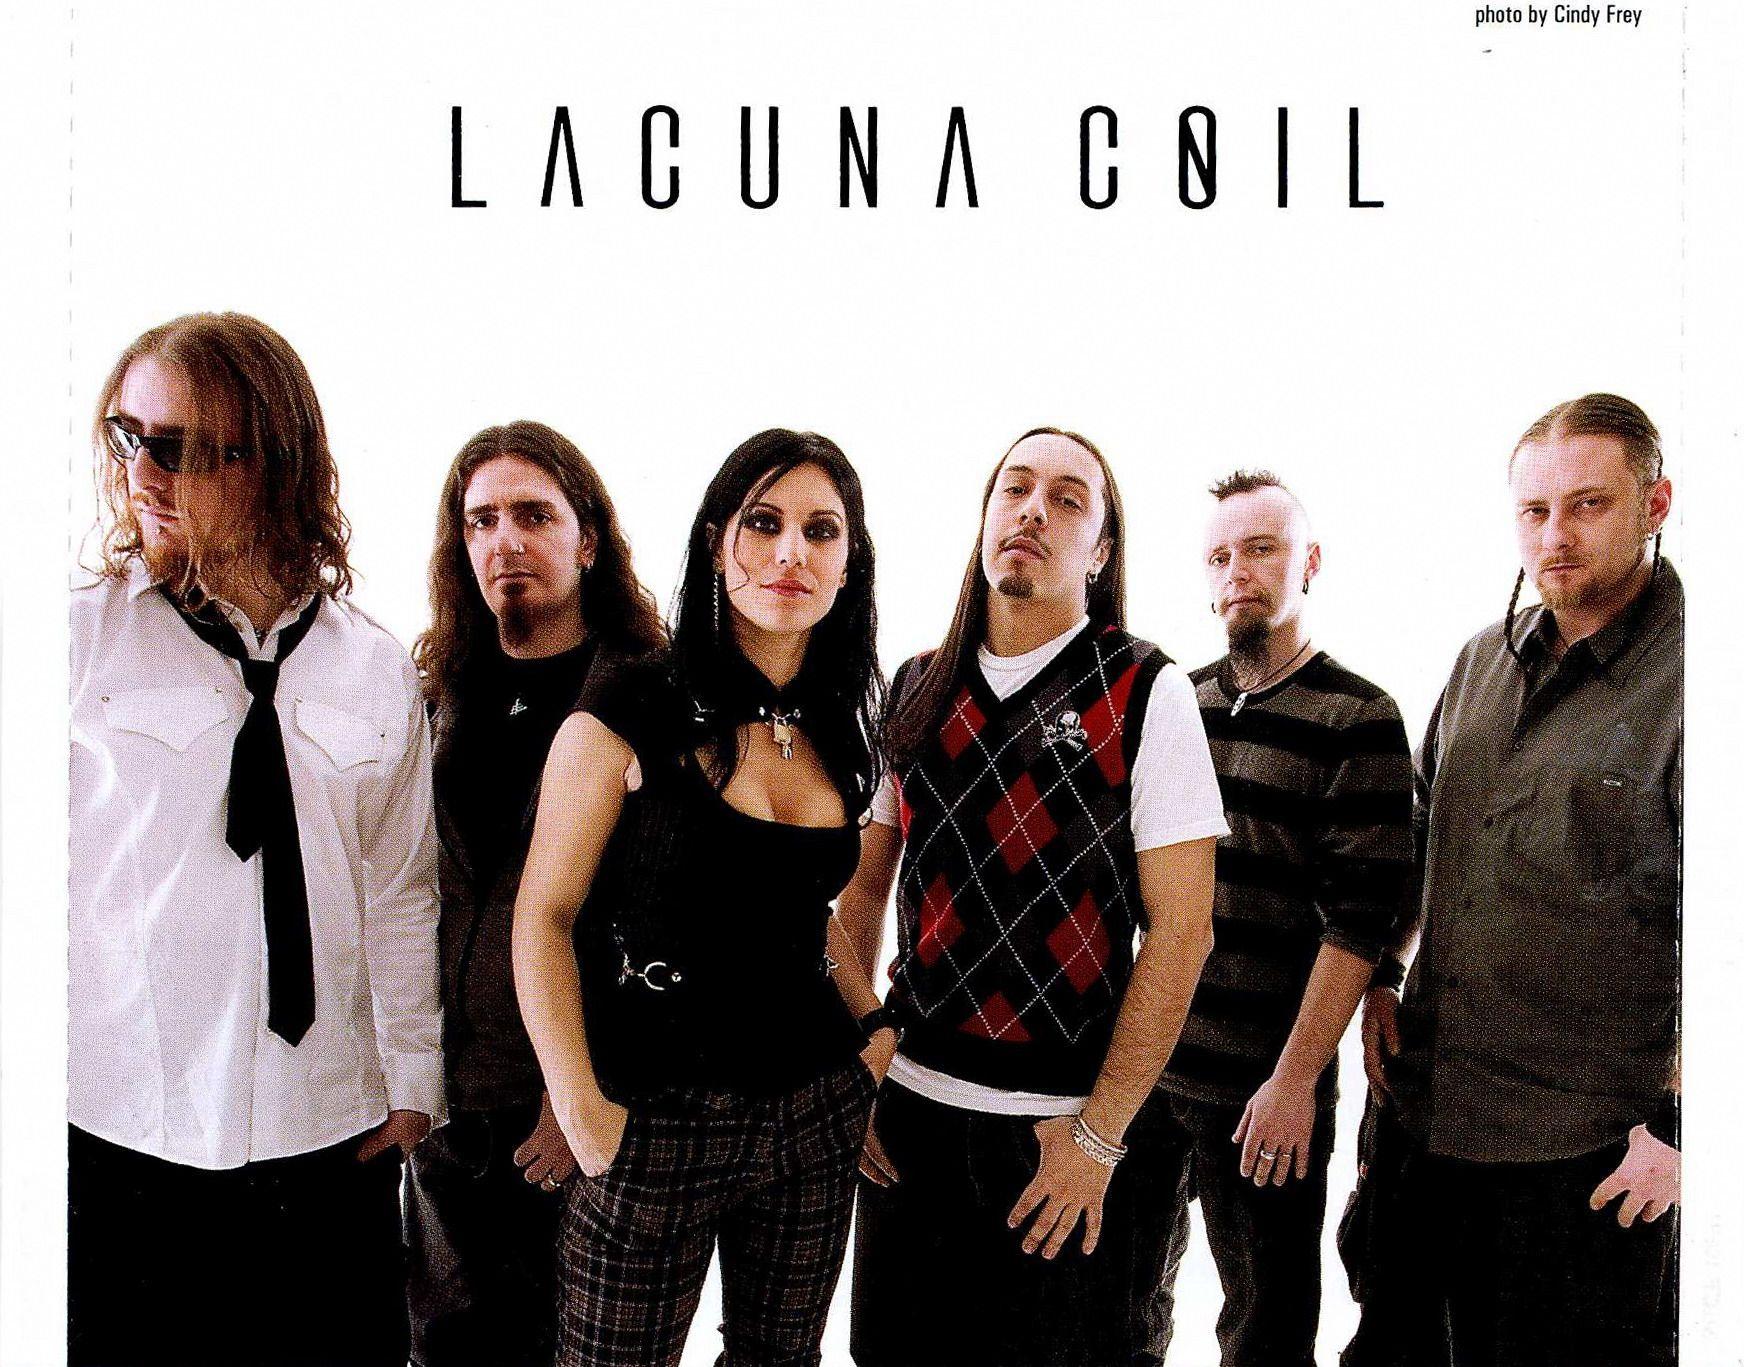 lacuna coil - Google Search